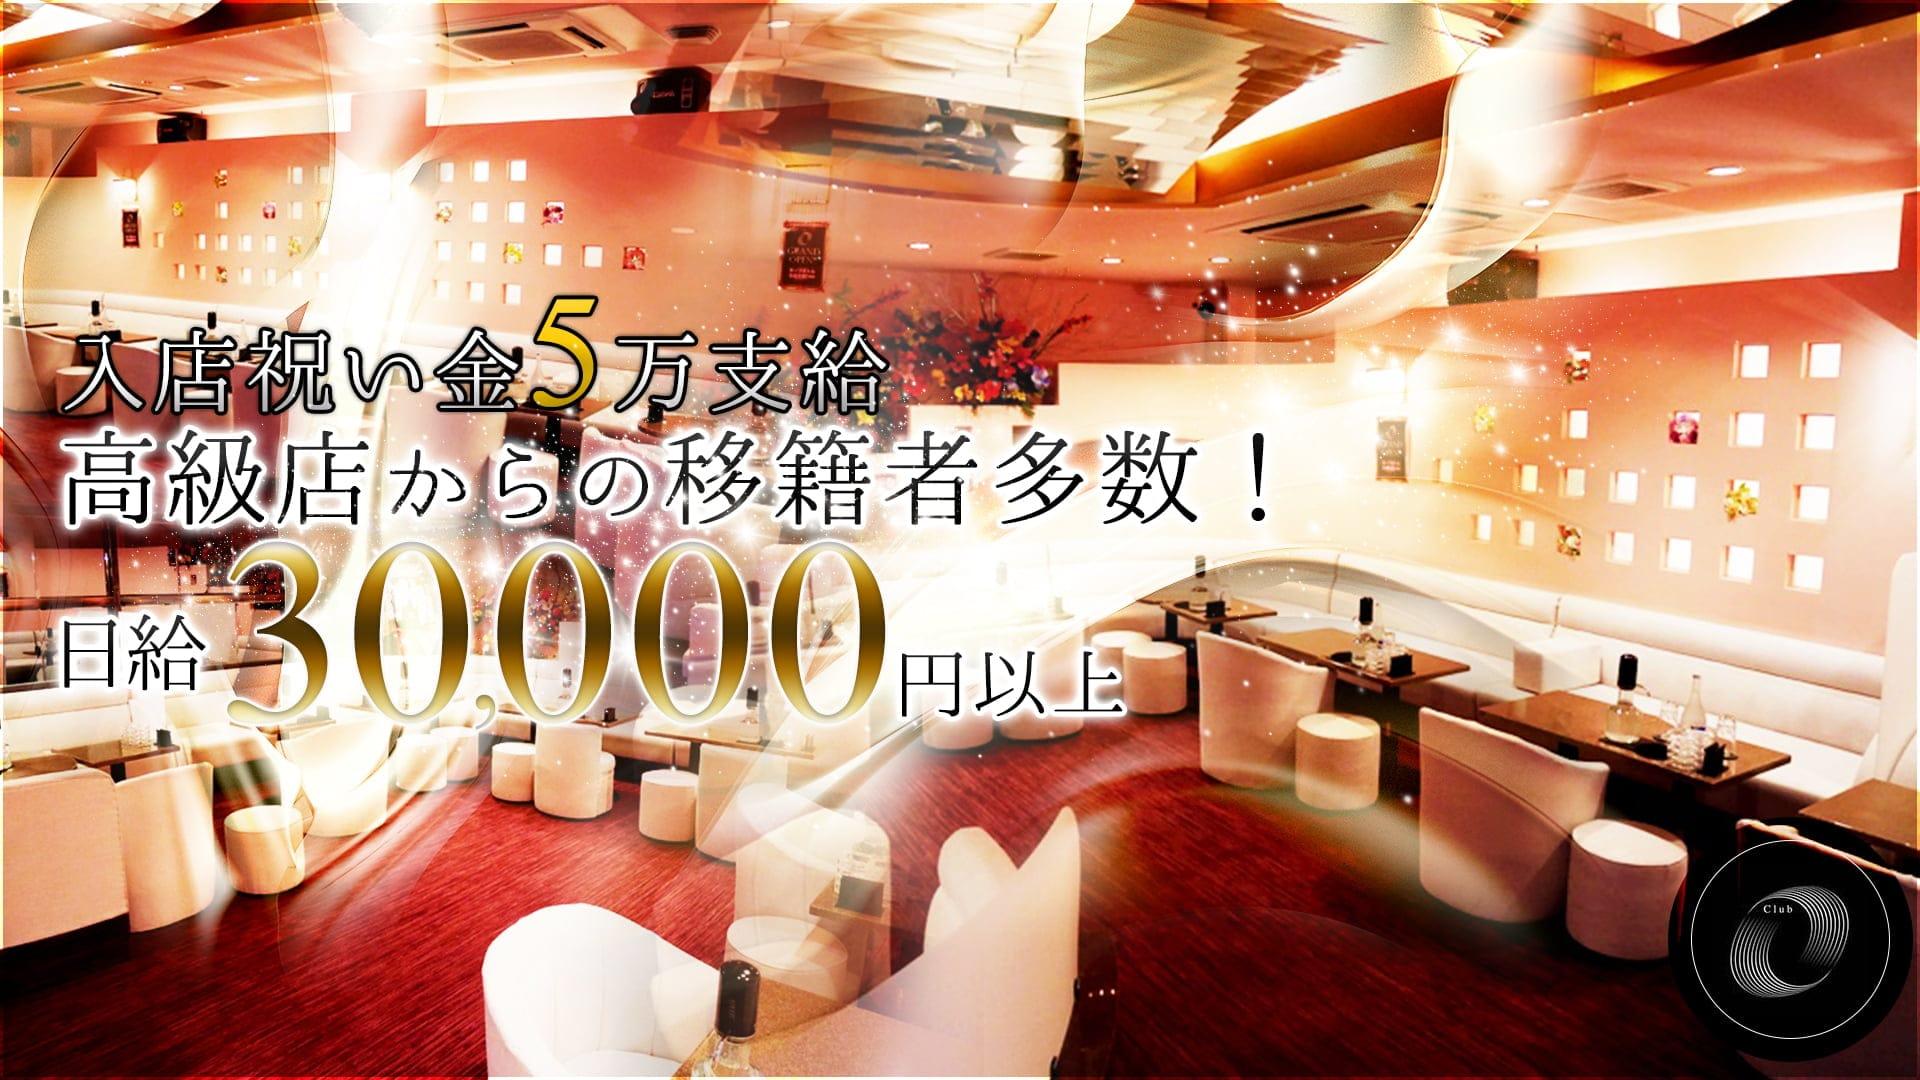 Club O (クラブ オー)【公式求人・体入情報】 関内キャバクラ TOP画像